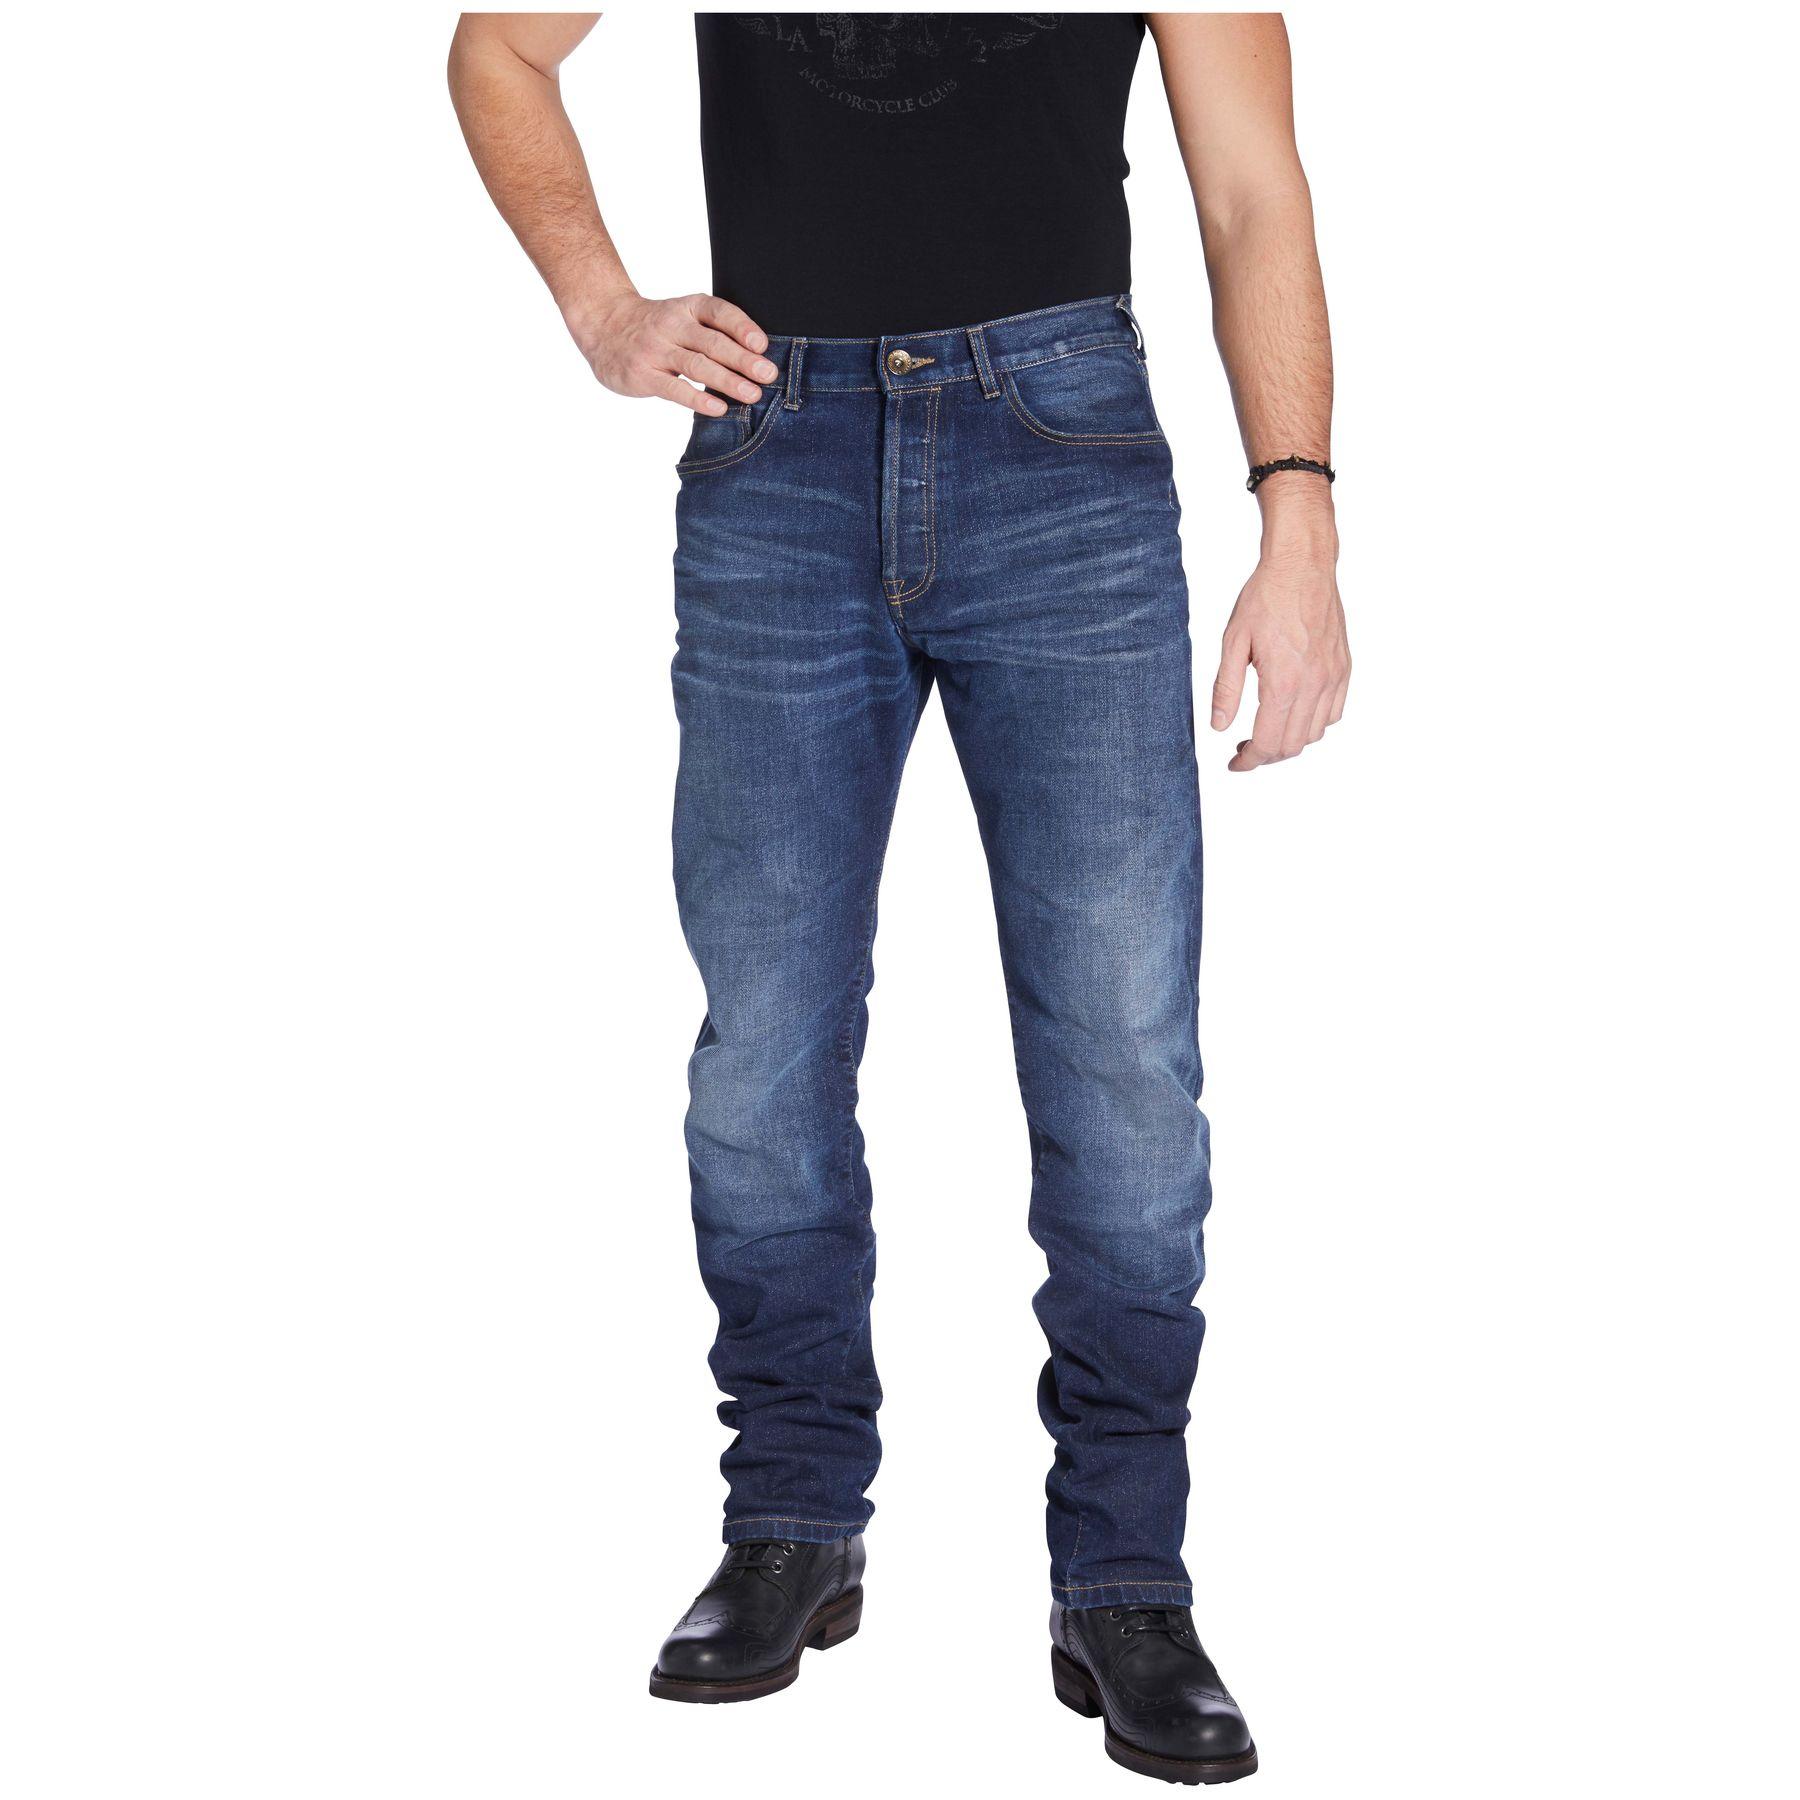 Rokker RokkerTech Straight Jeans